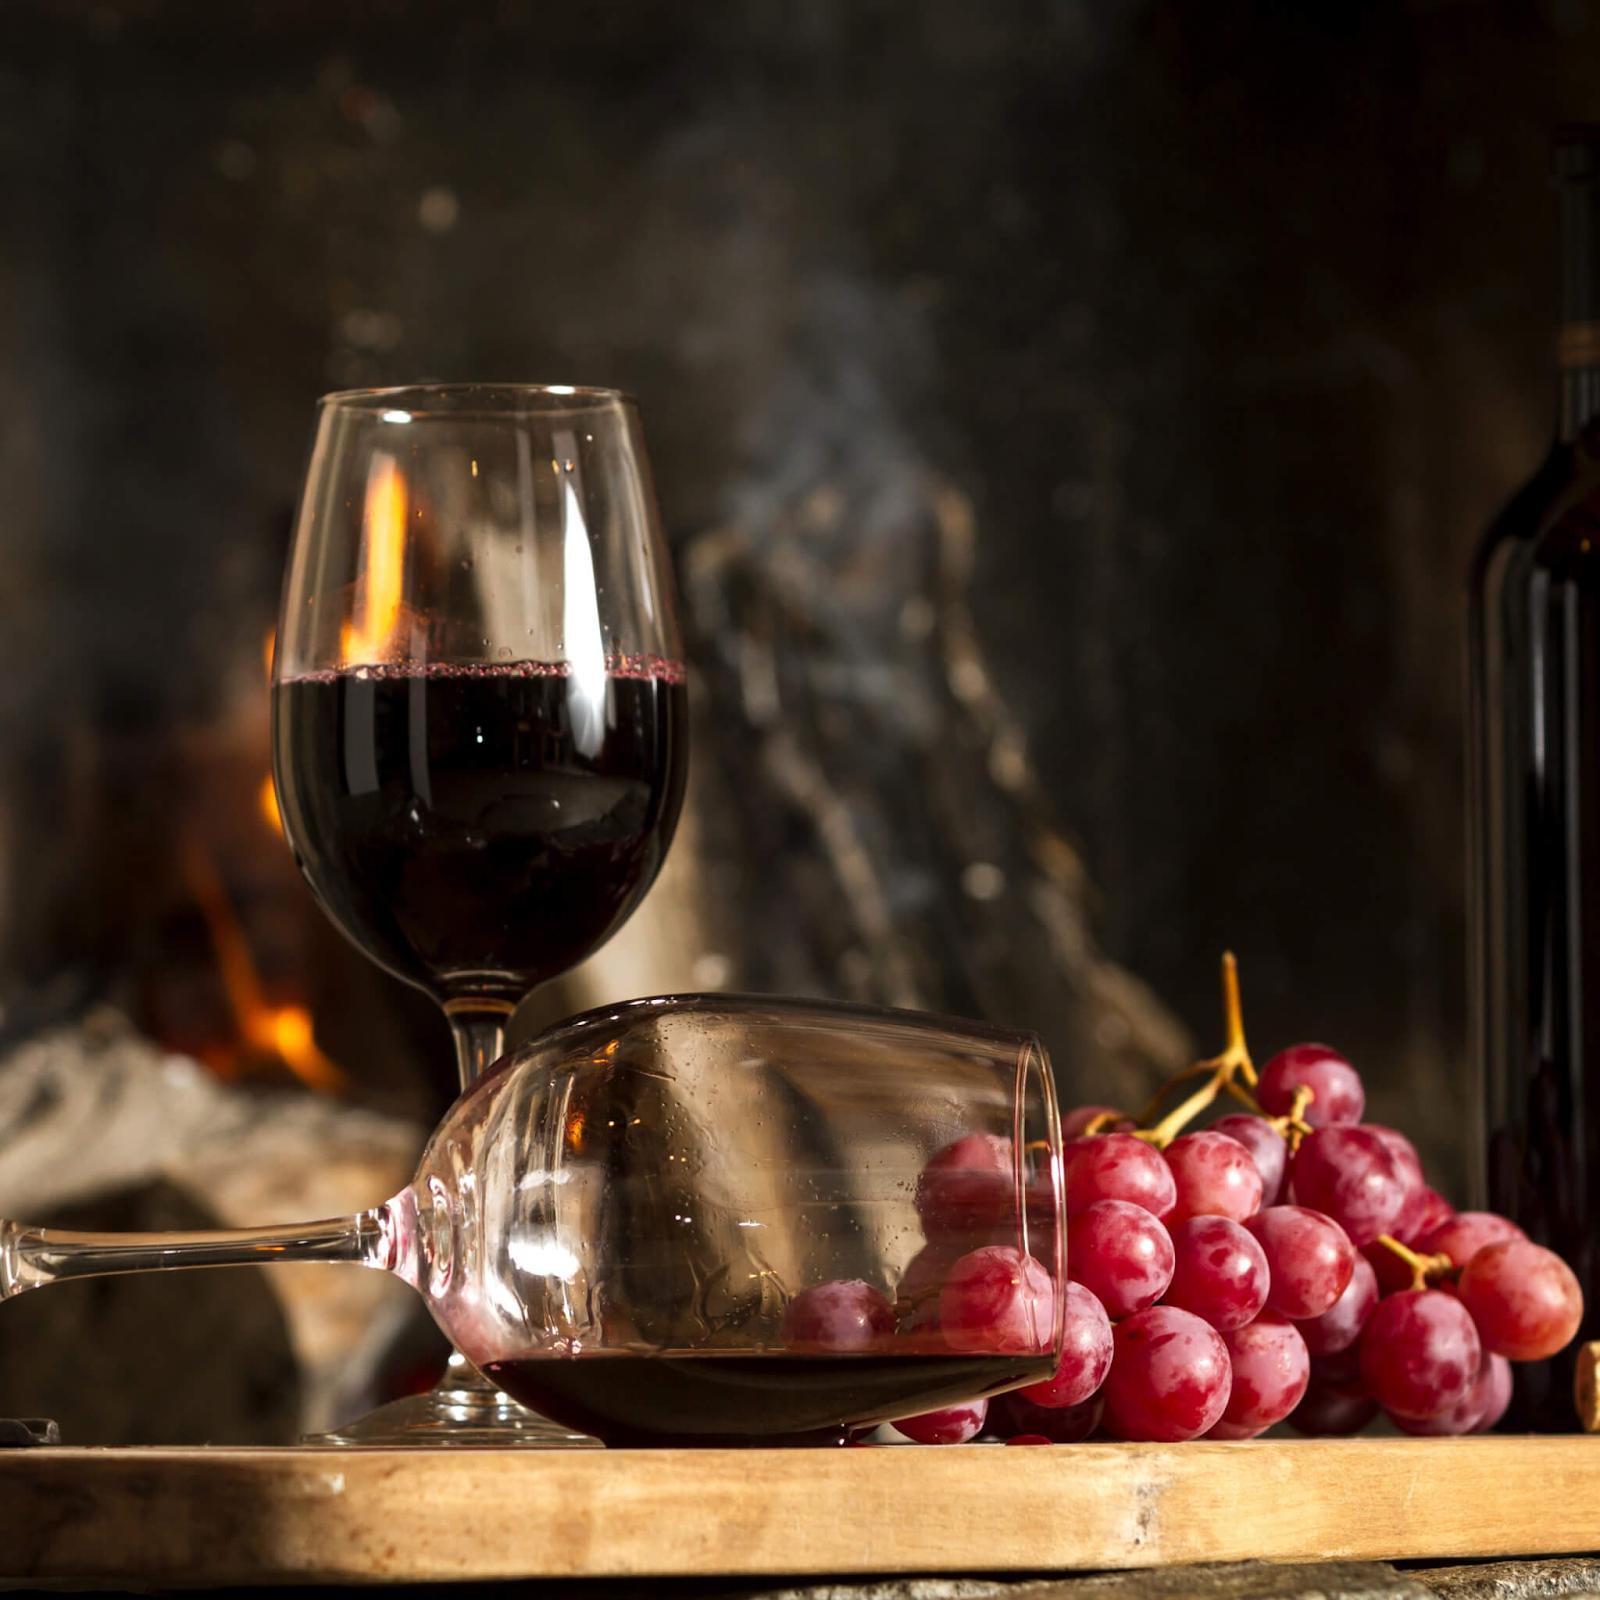 Хванчкара: культура потребления популярного грузинского вина